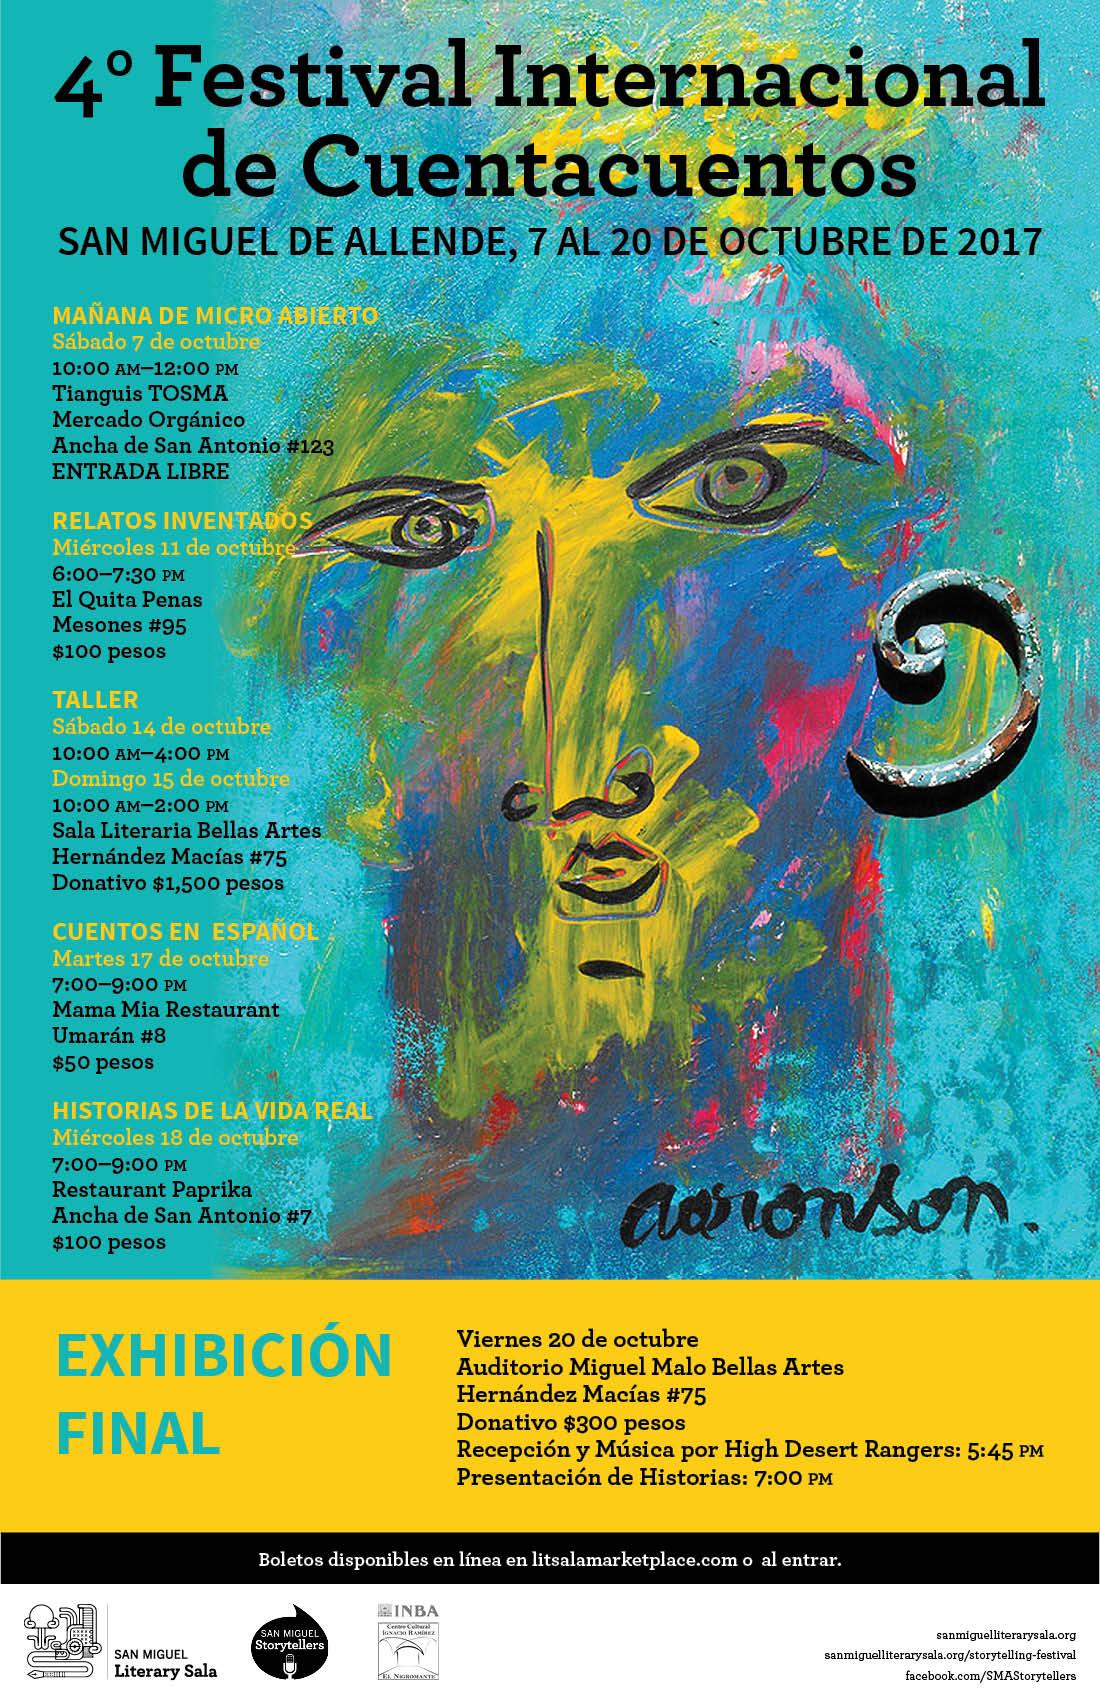 Festival de Cuentacuentos 2017